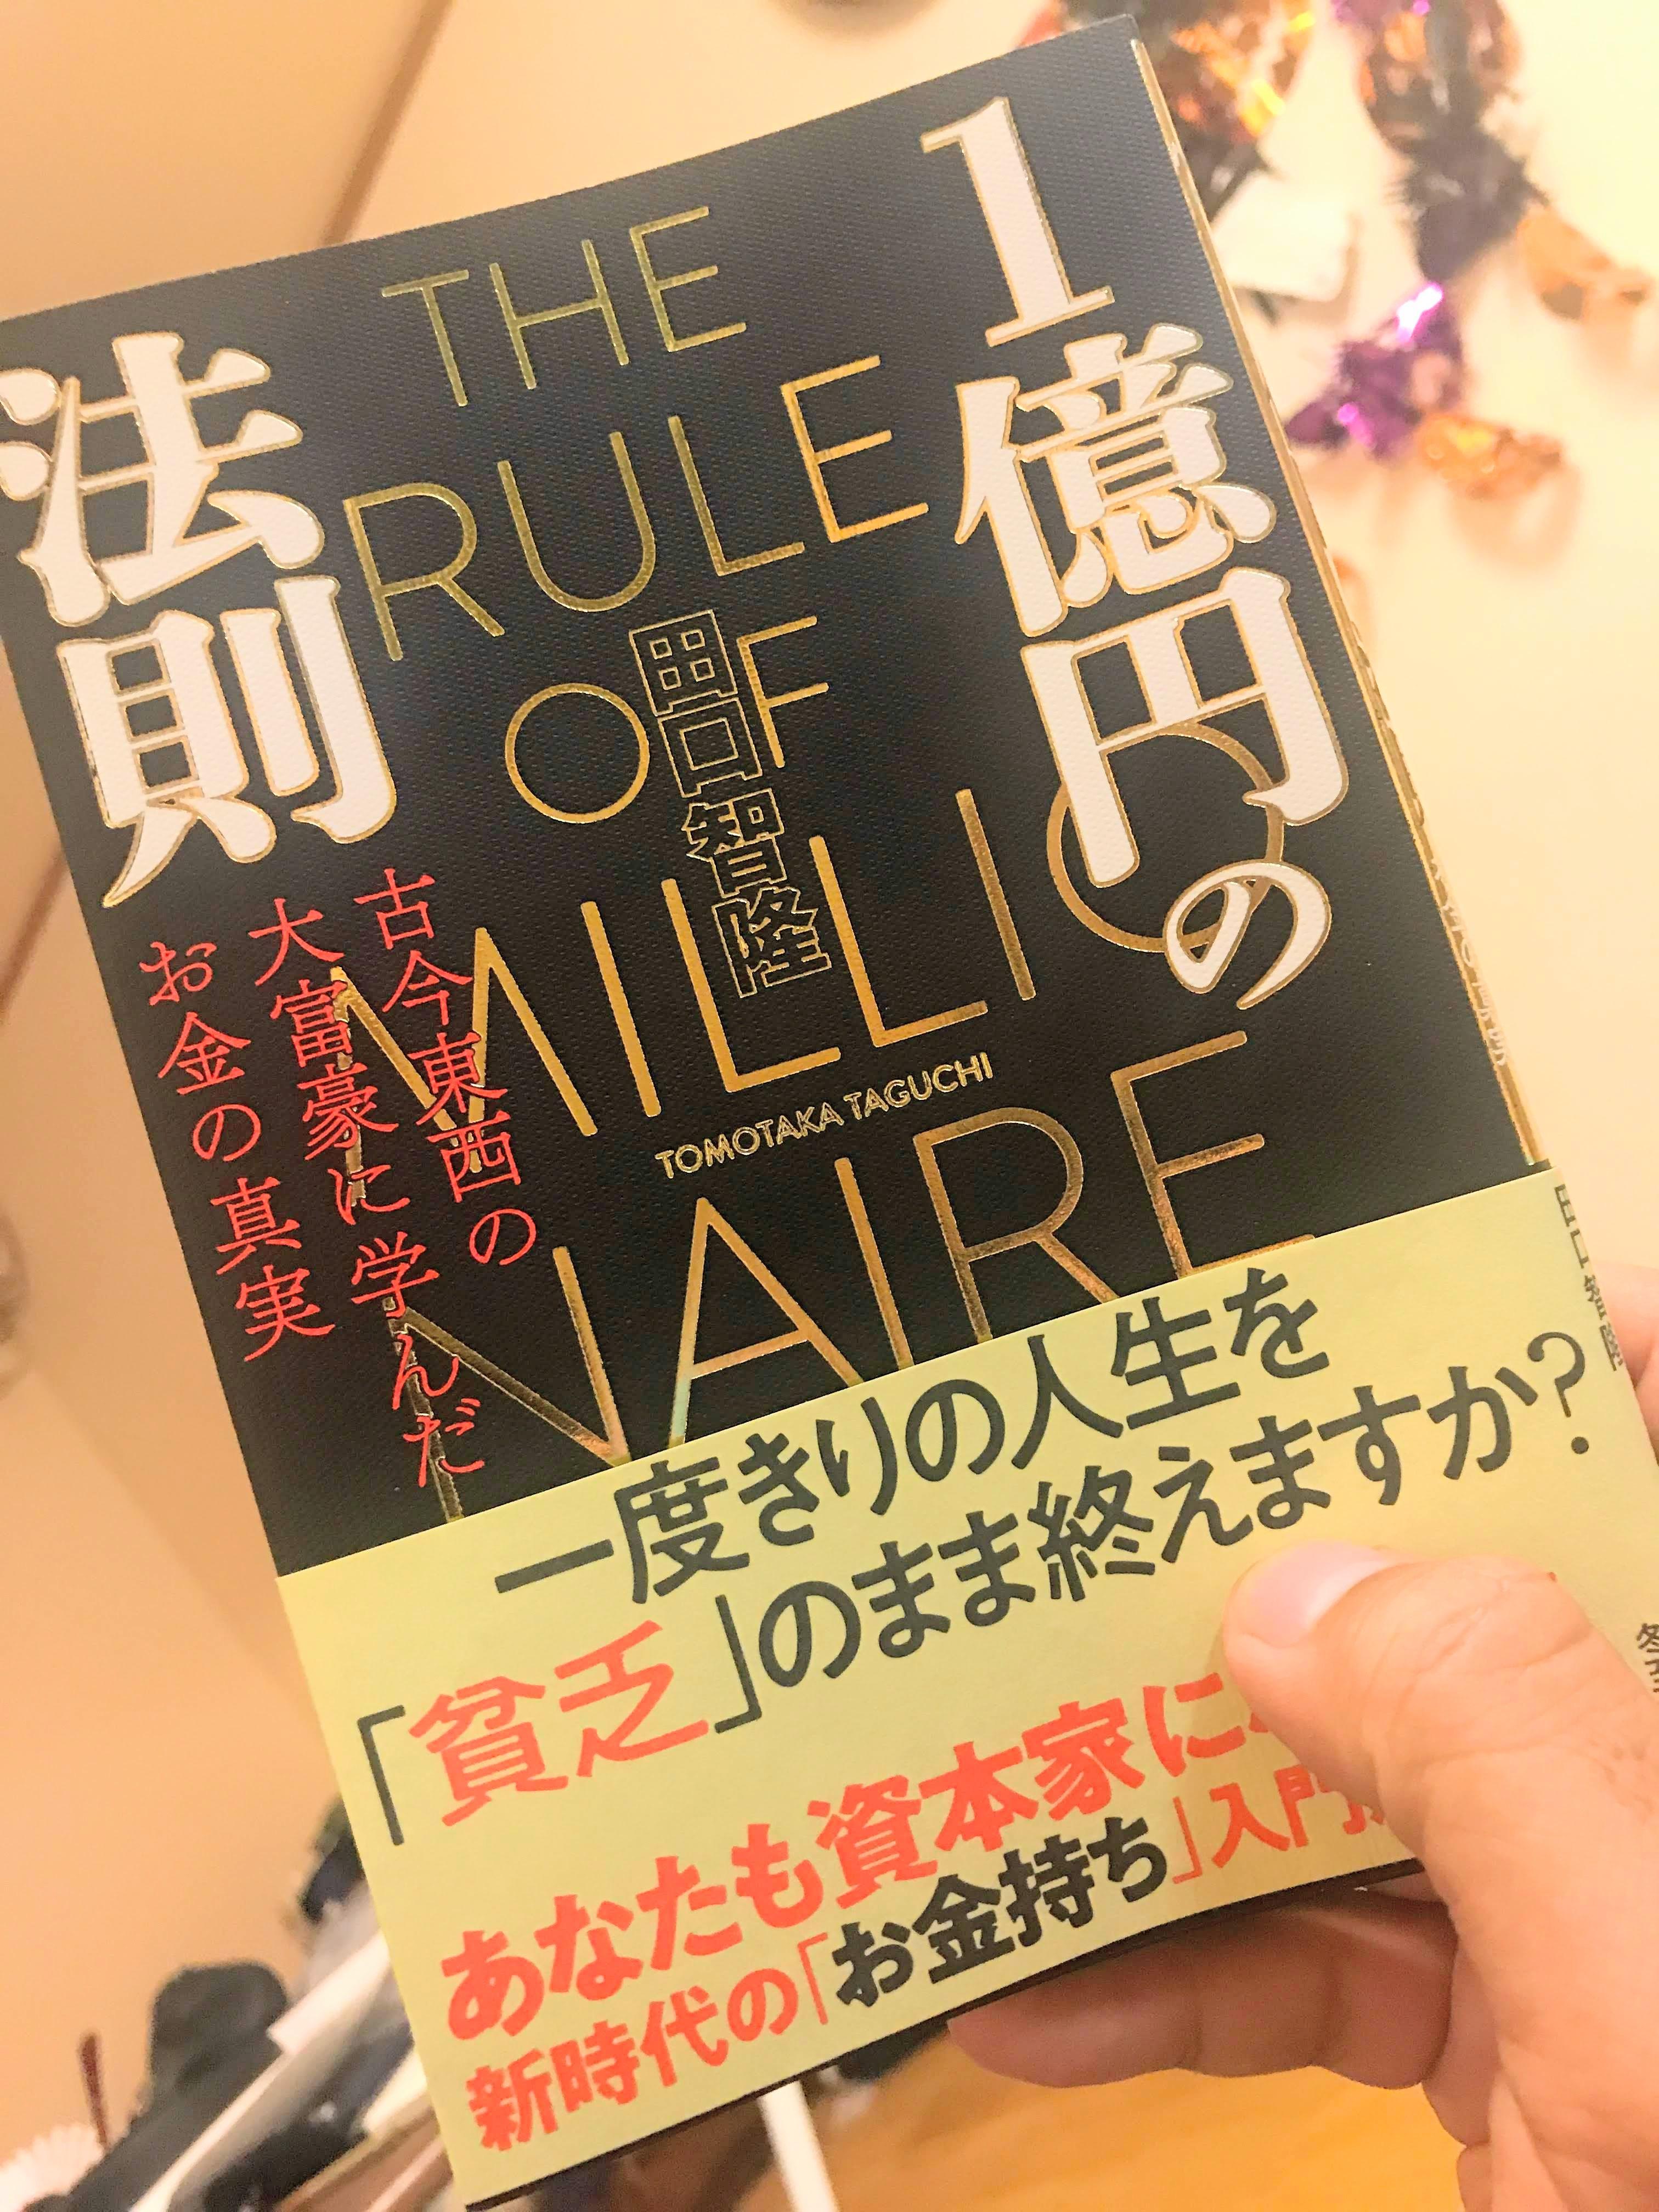 1億円の法則 古今東西の大富豪に学んだお金の真実〜読んだ瞬間から行動を変えられる良書!【読書感想文】